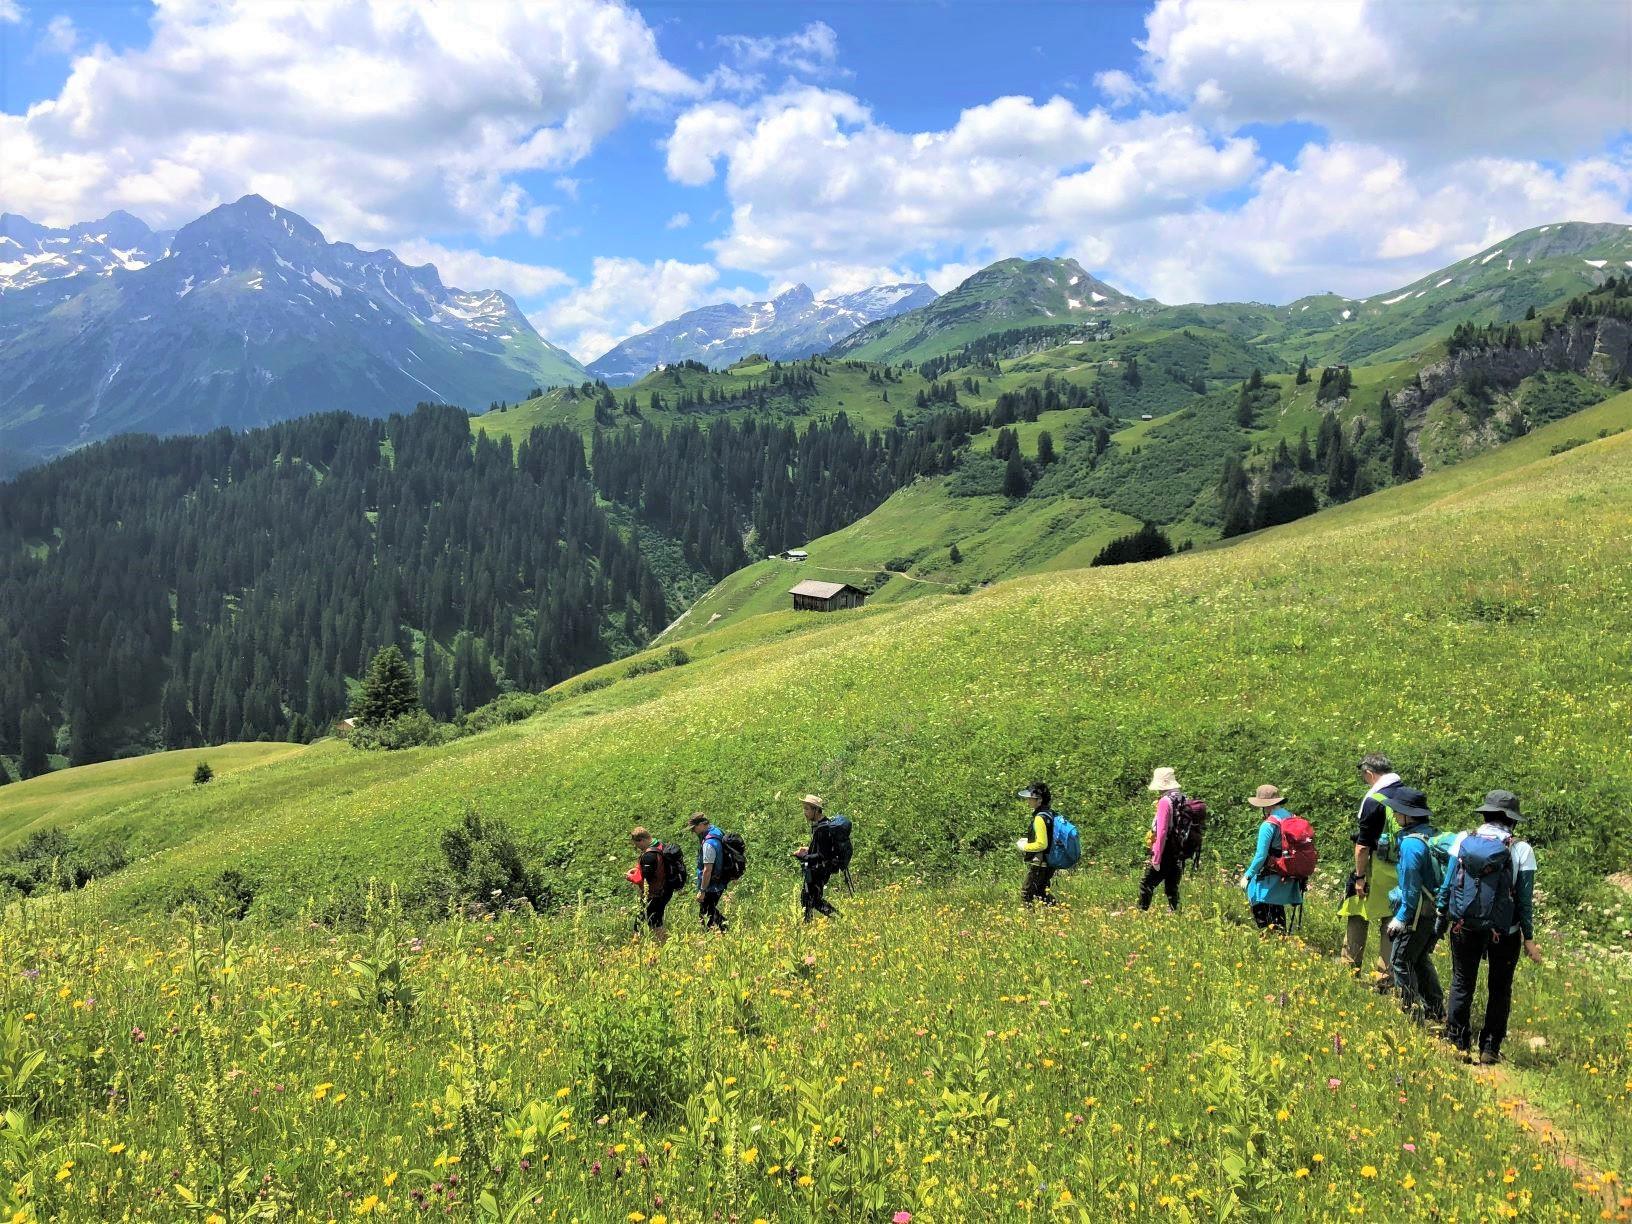 緑豊かなチロルの美しい村々ゆったり滞在とドロミテの岩峰展望ハイキング 11日間